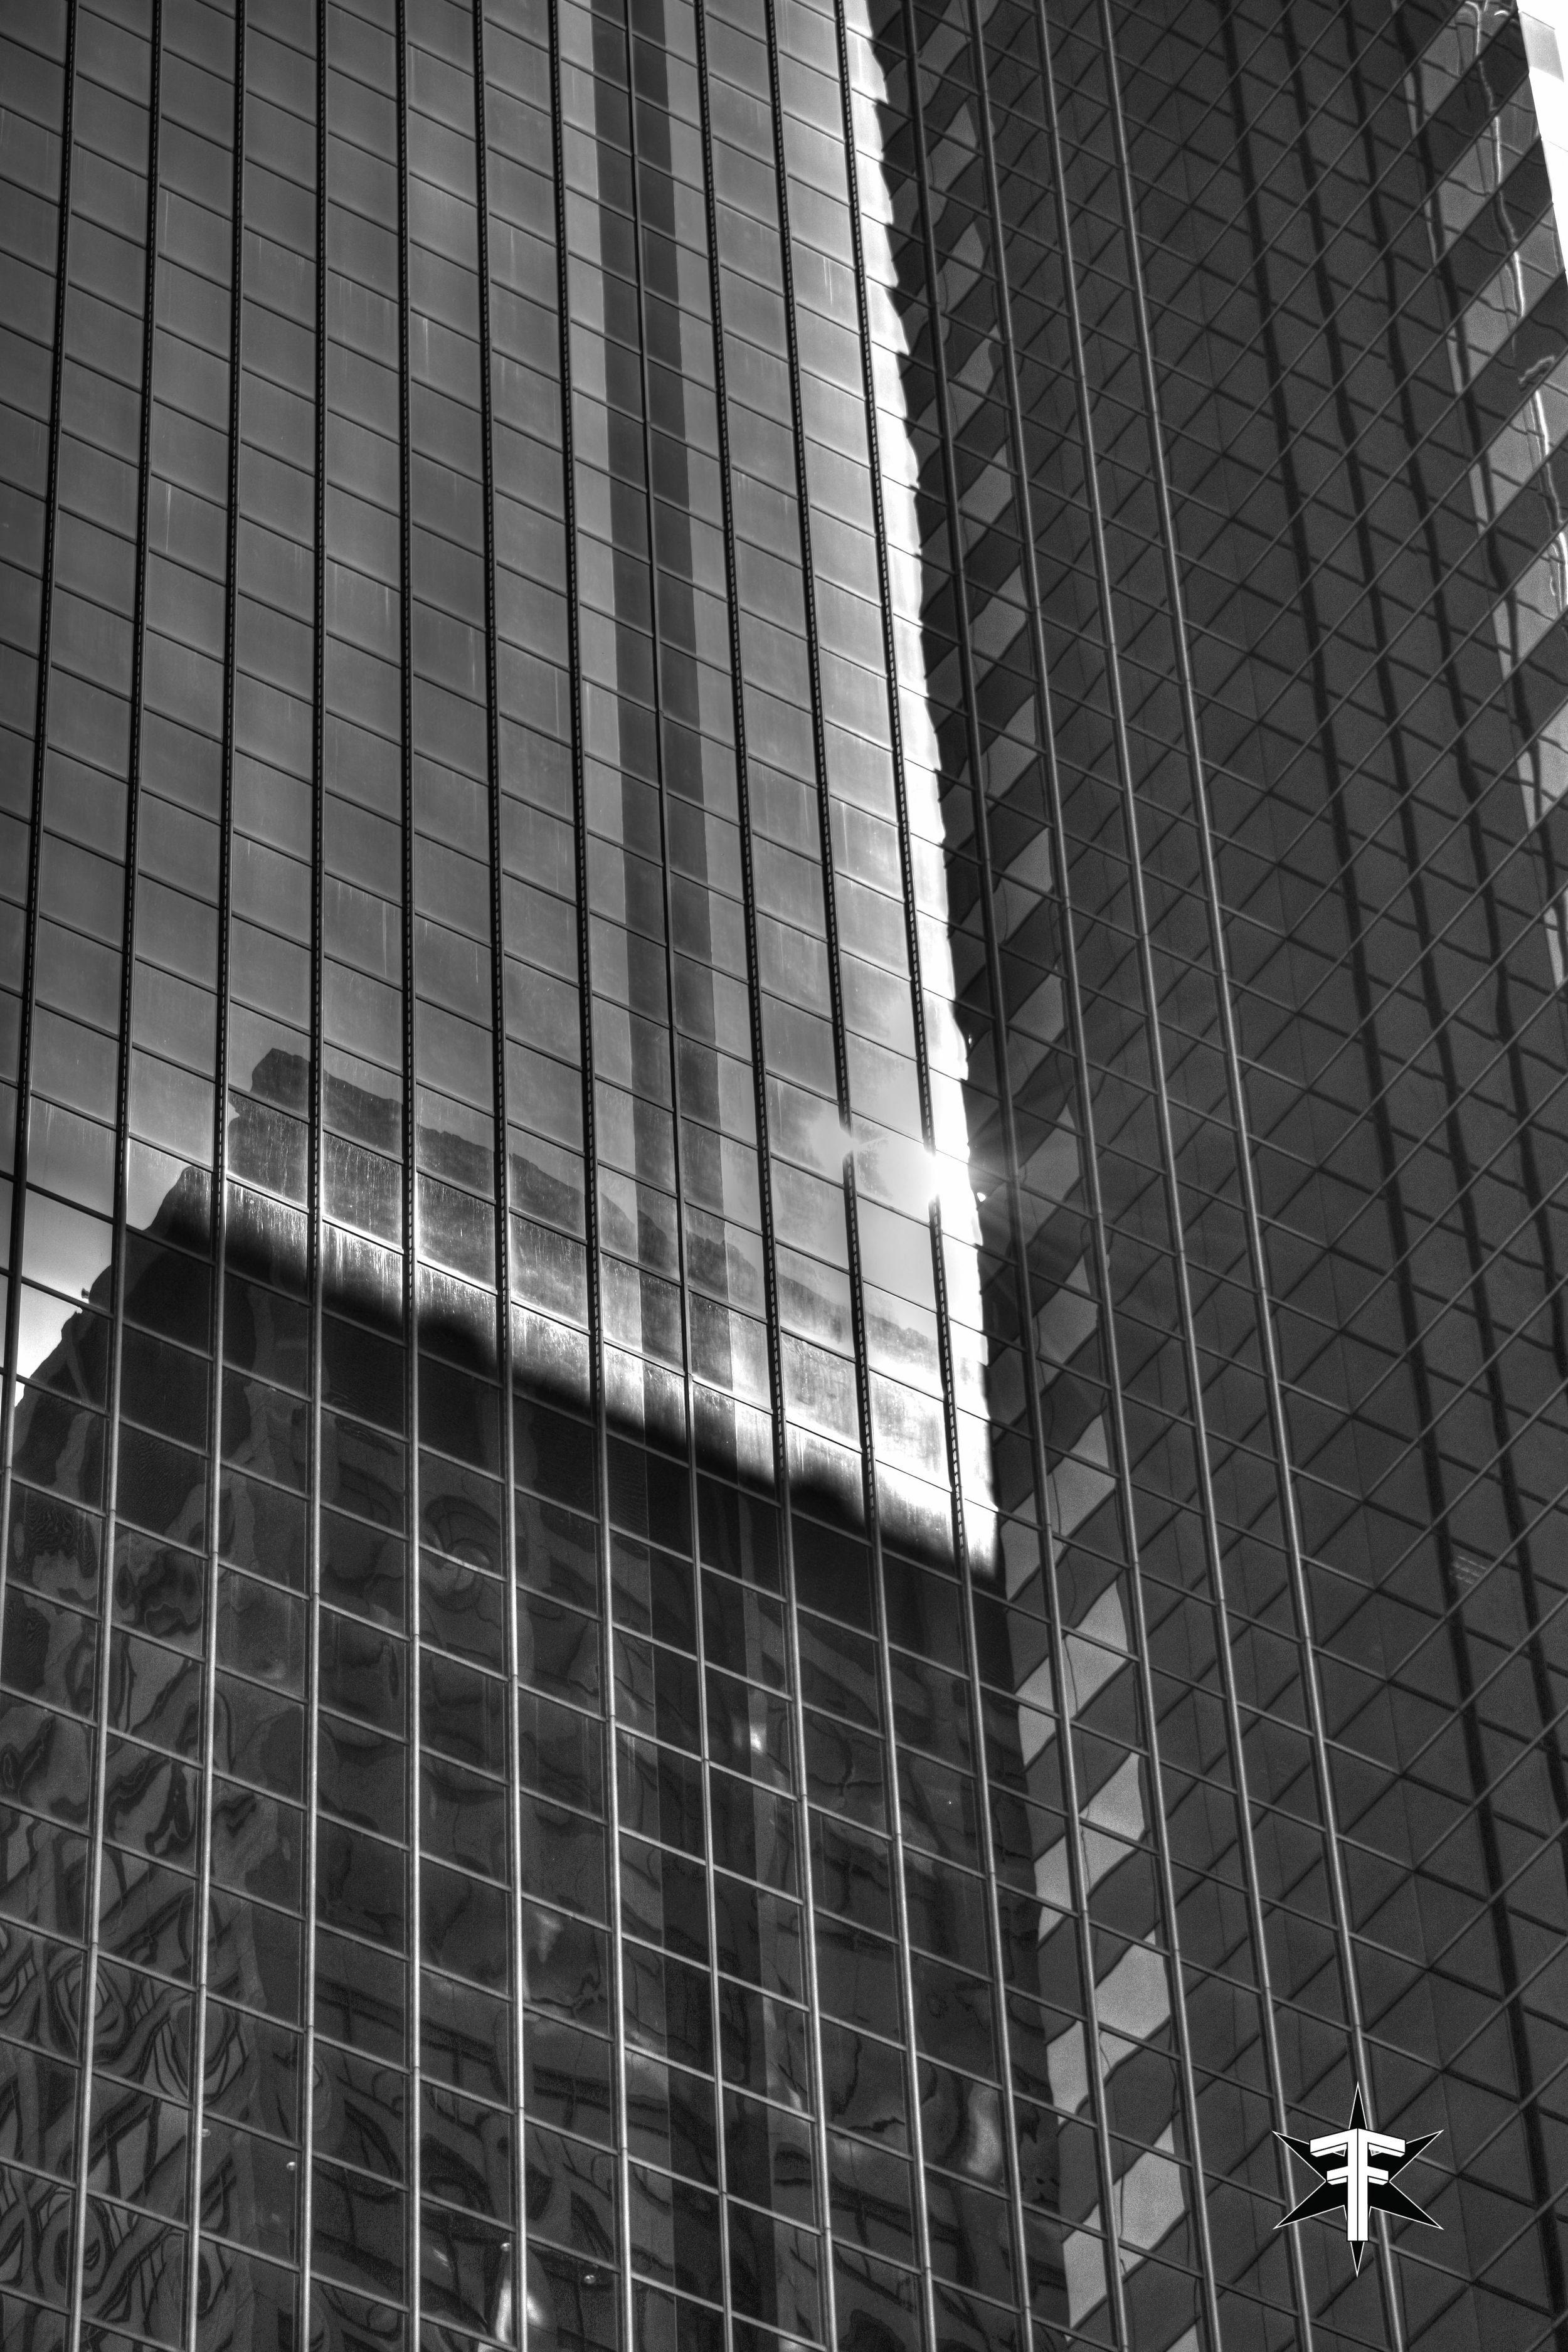 chicago architecture eric formato photography design arquitectura architettura buildings skyscraper skyscrapers-122.jpg